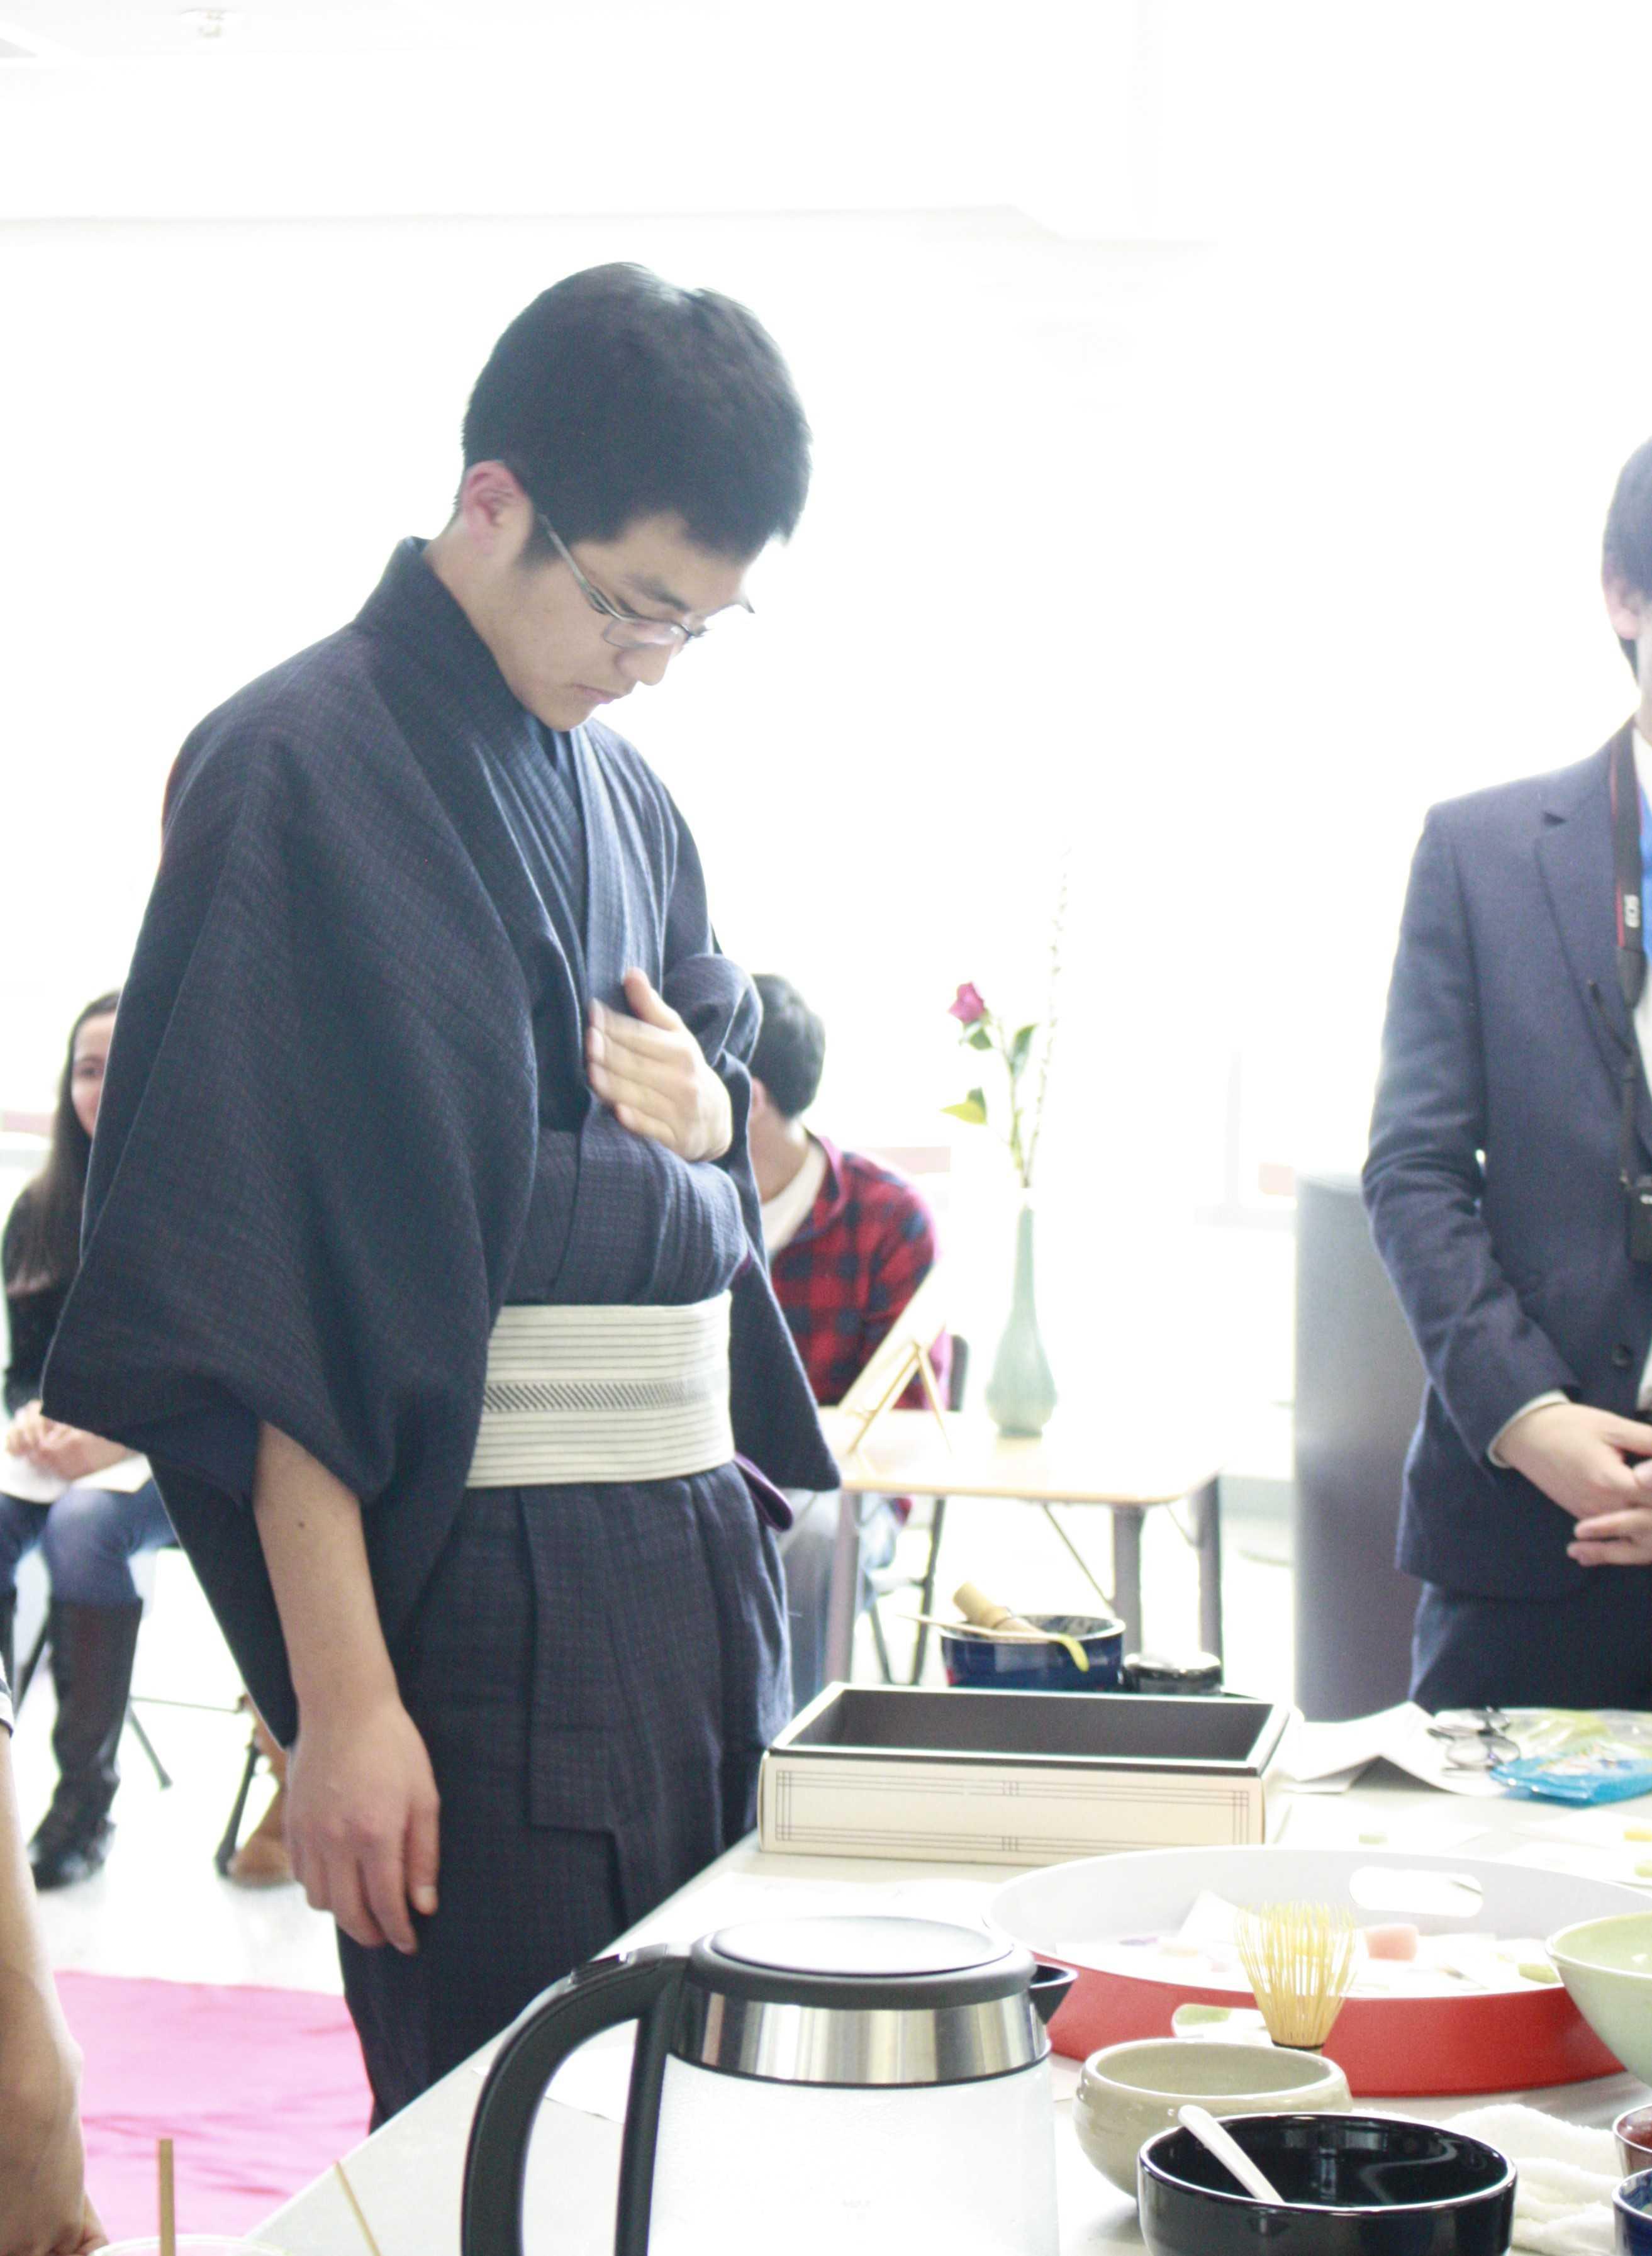 Japanese exchange student Hodaka Ishibashi adjusts his clothing before performing a tea ceremony.